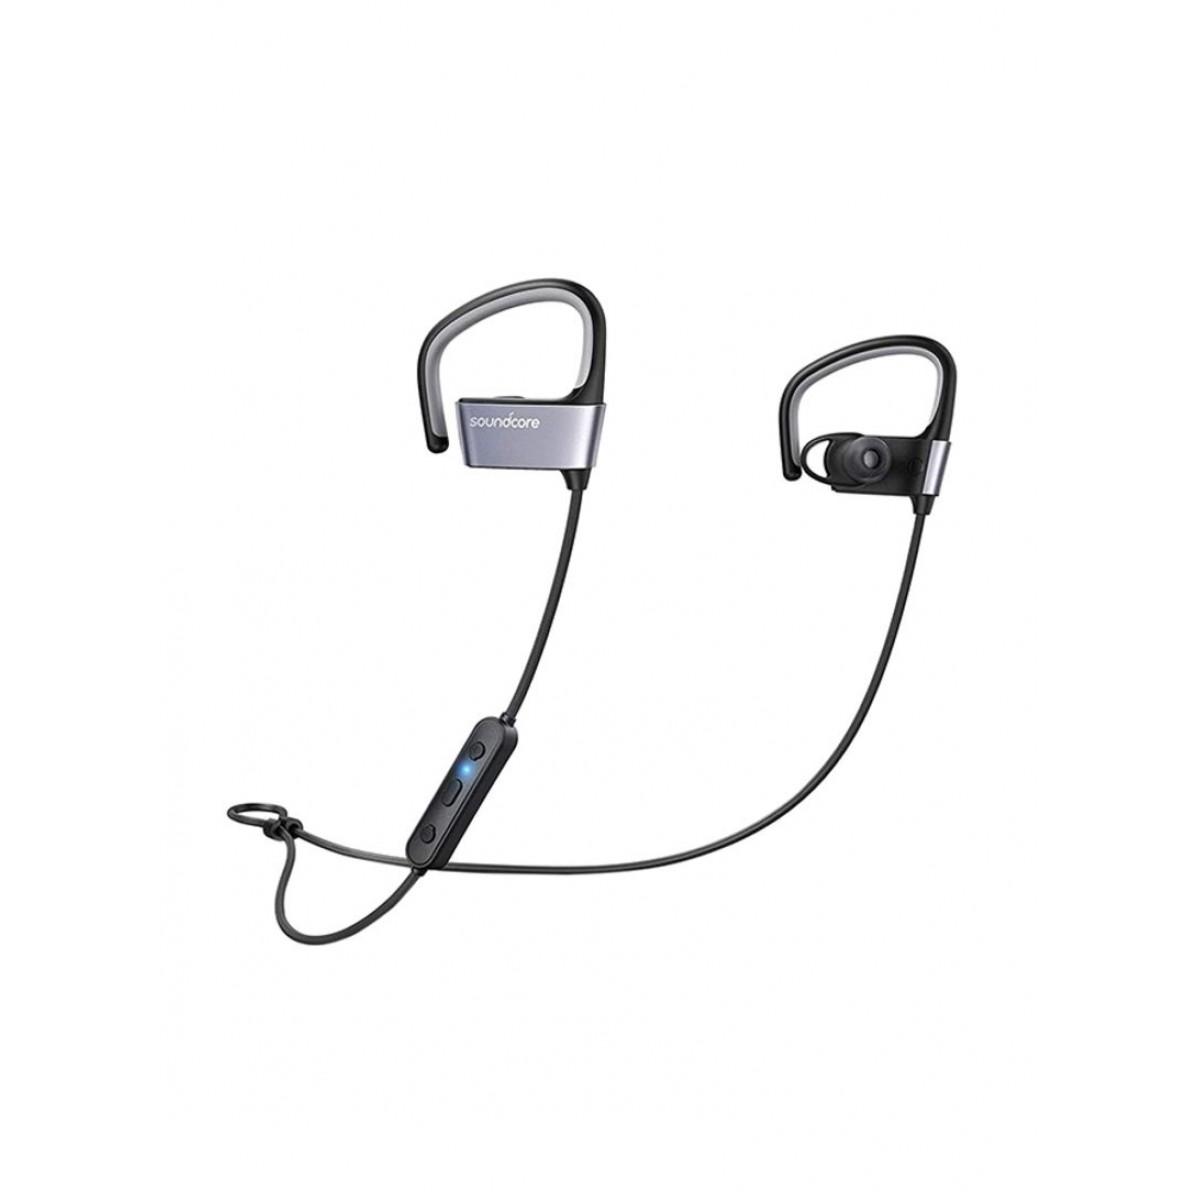 سماعة أذن داخلية لاسلكية أسود/رمادي 7x1.7x1.1 بوصة